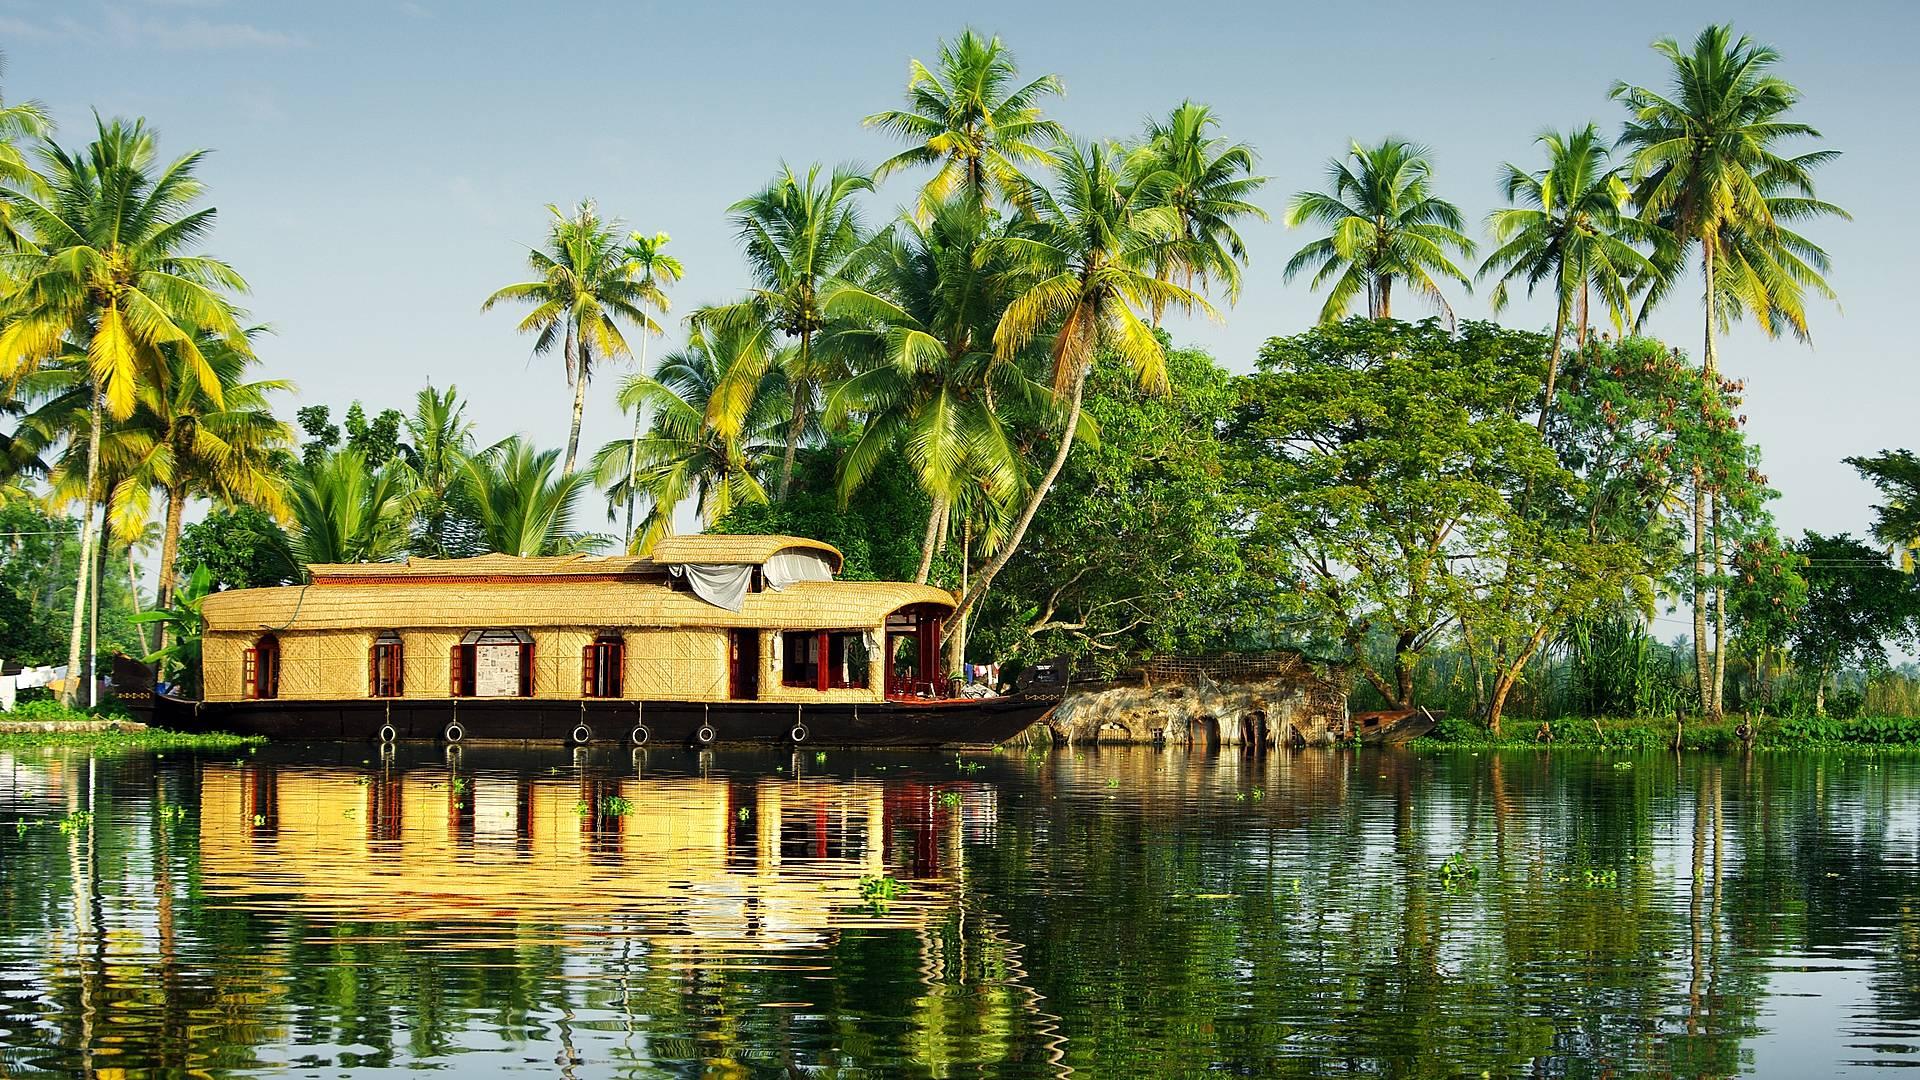 Familienrundreise an der tropischen Malabar-Küste